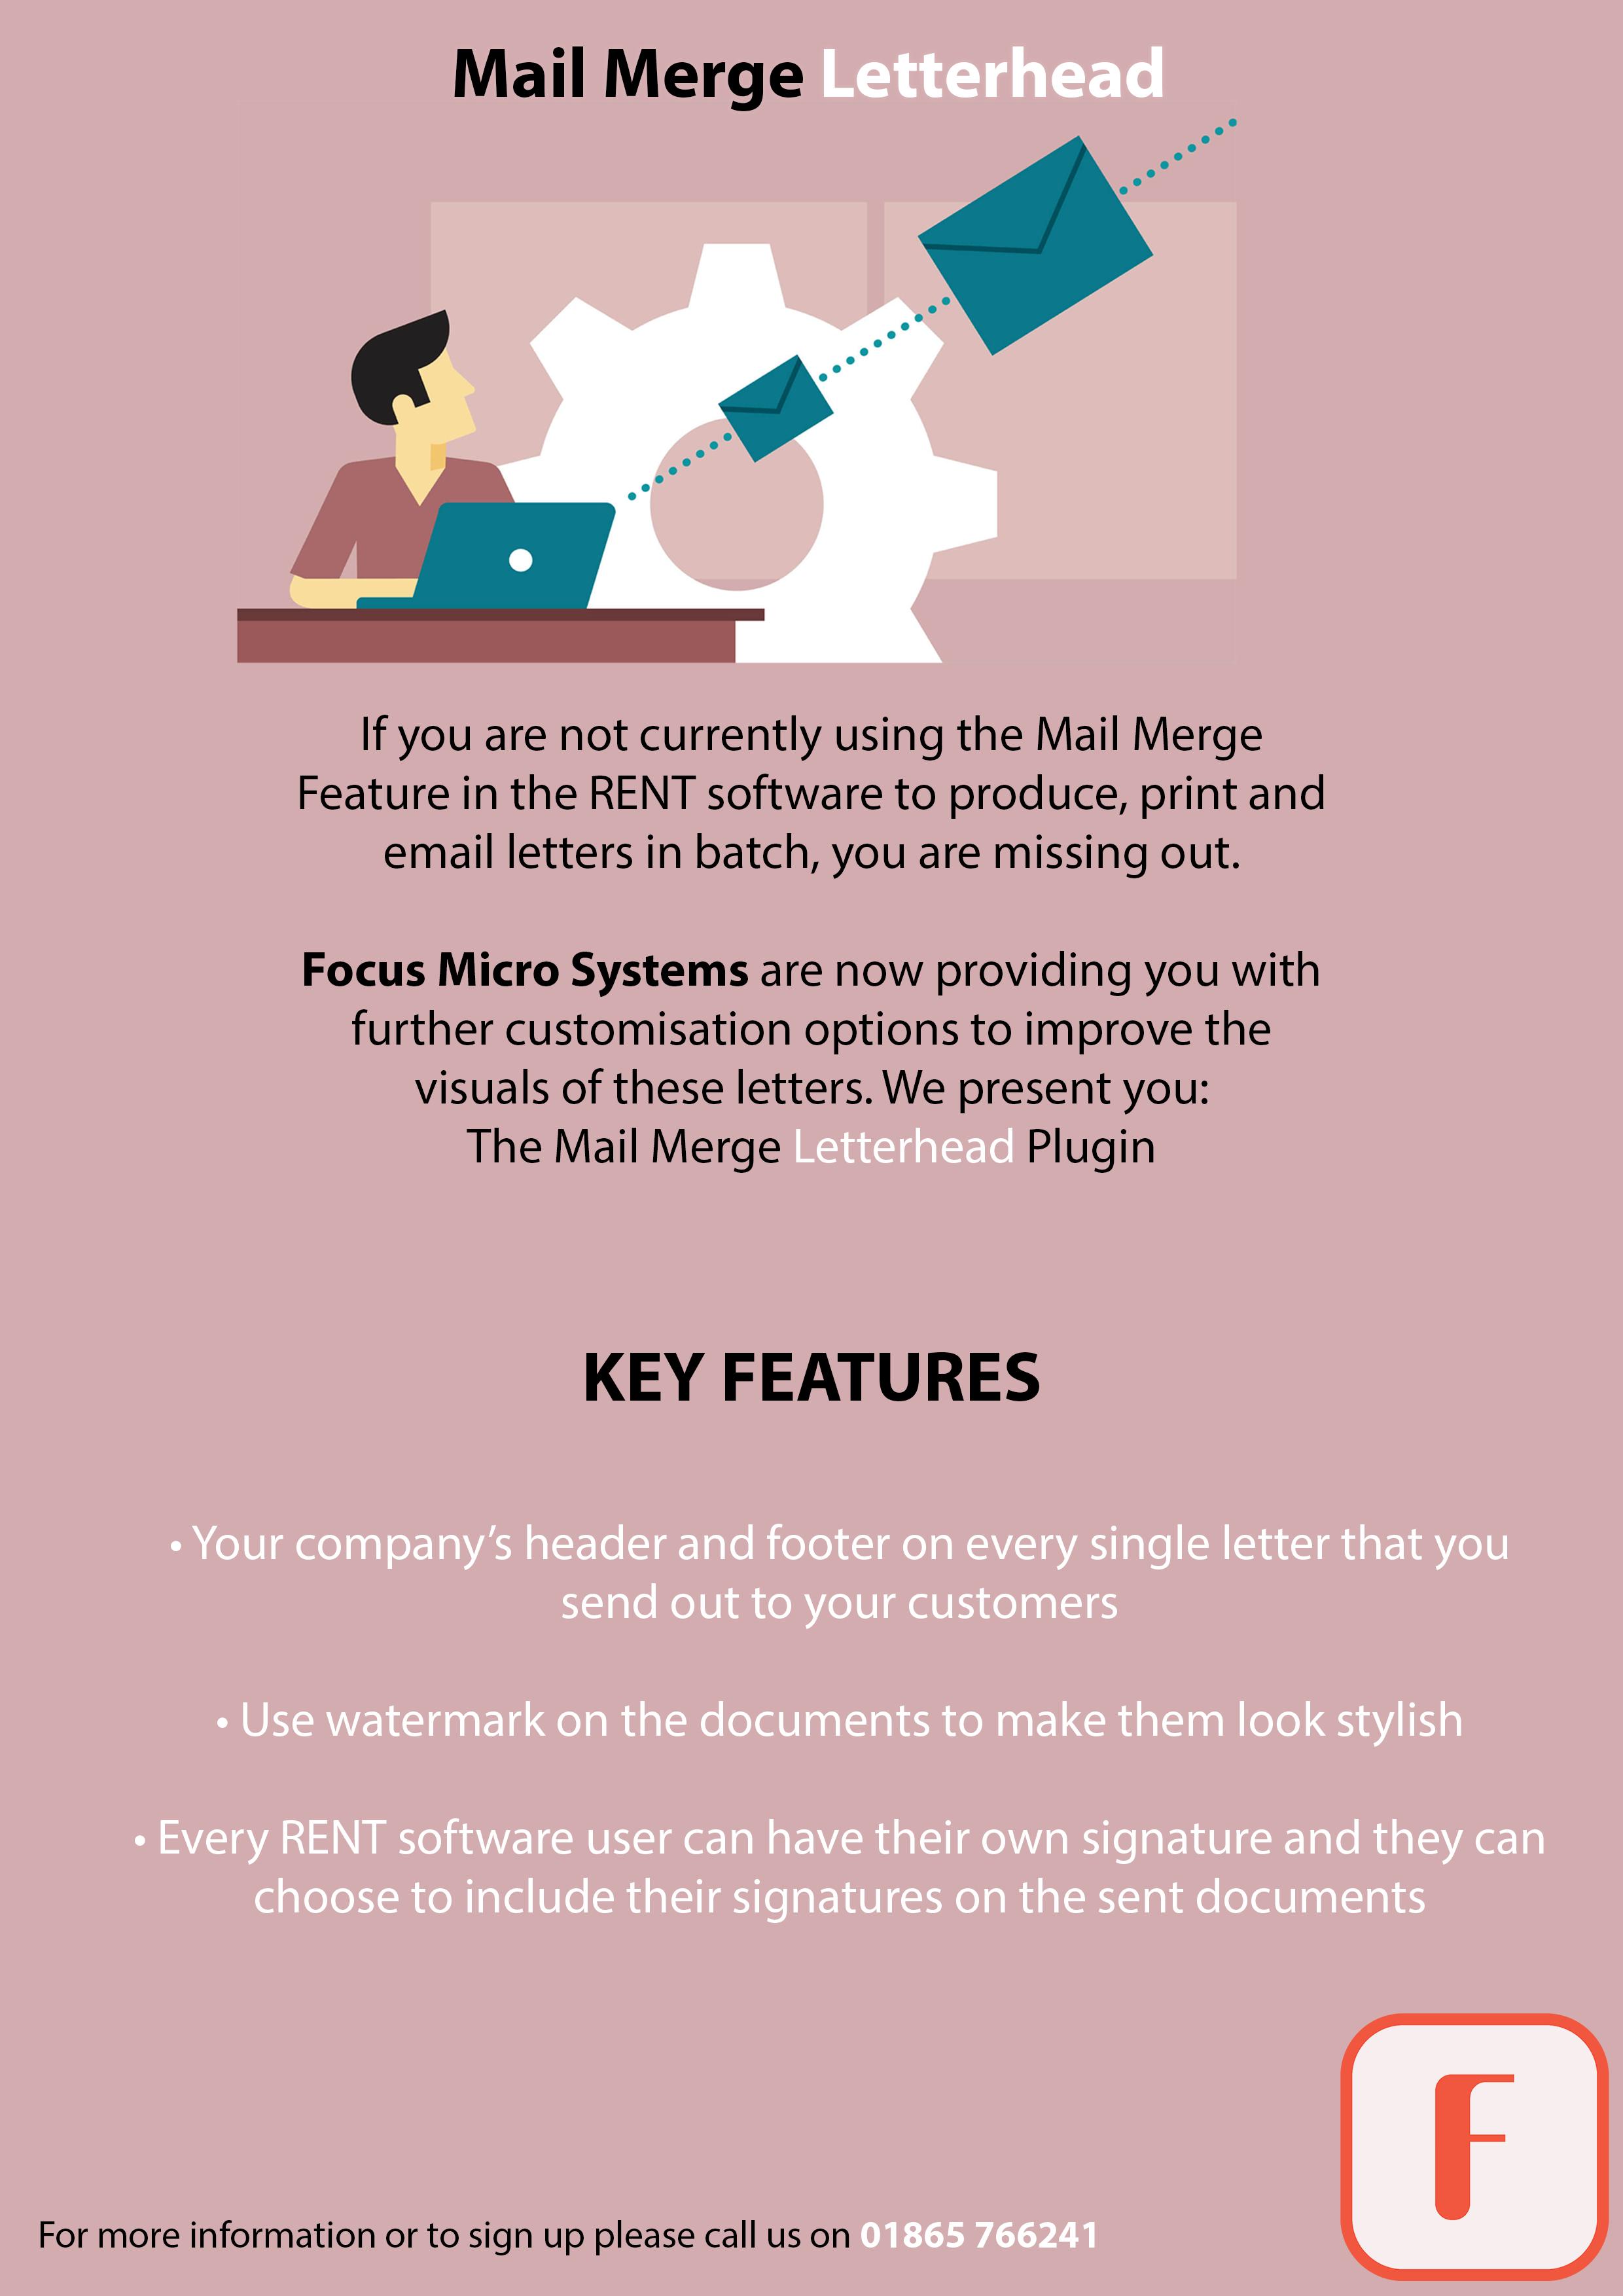 Mail Merge Letterhead